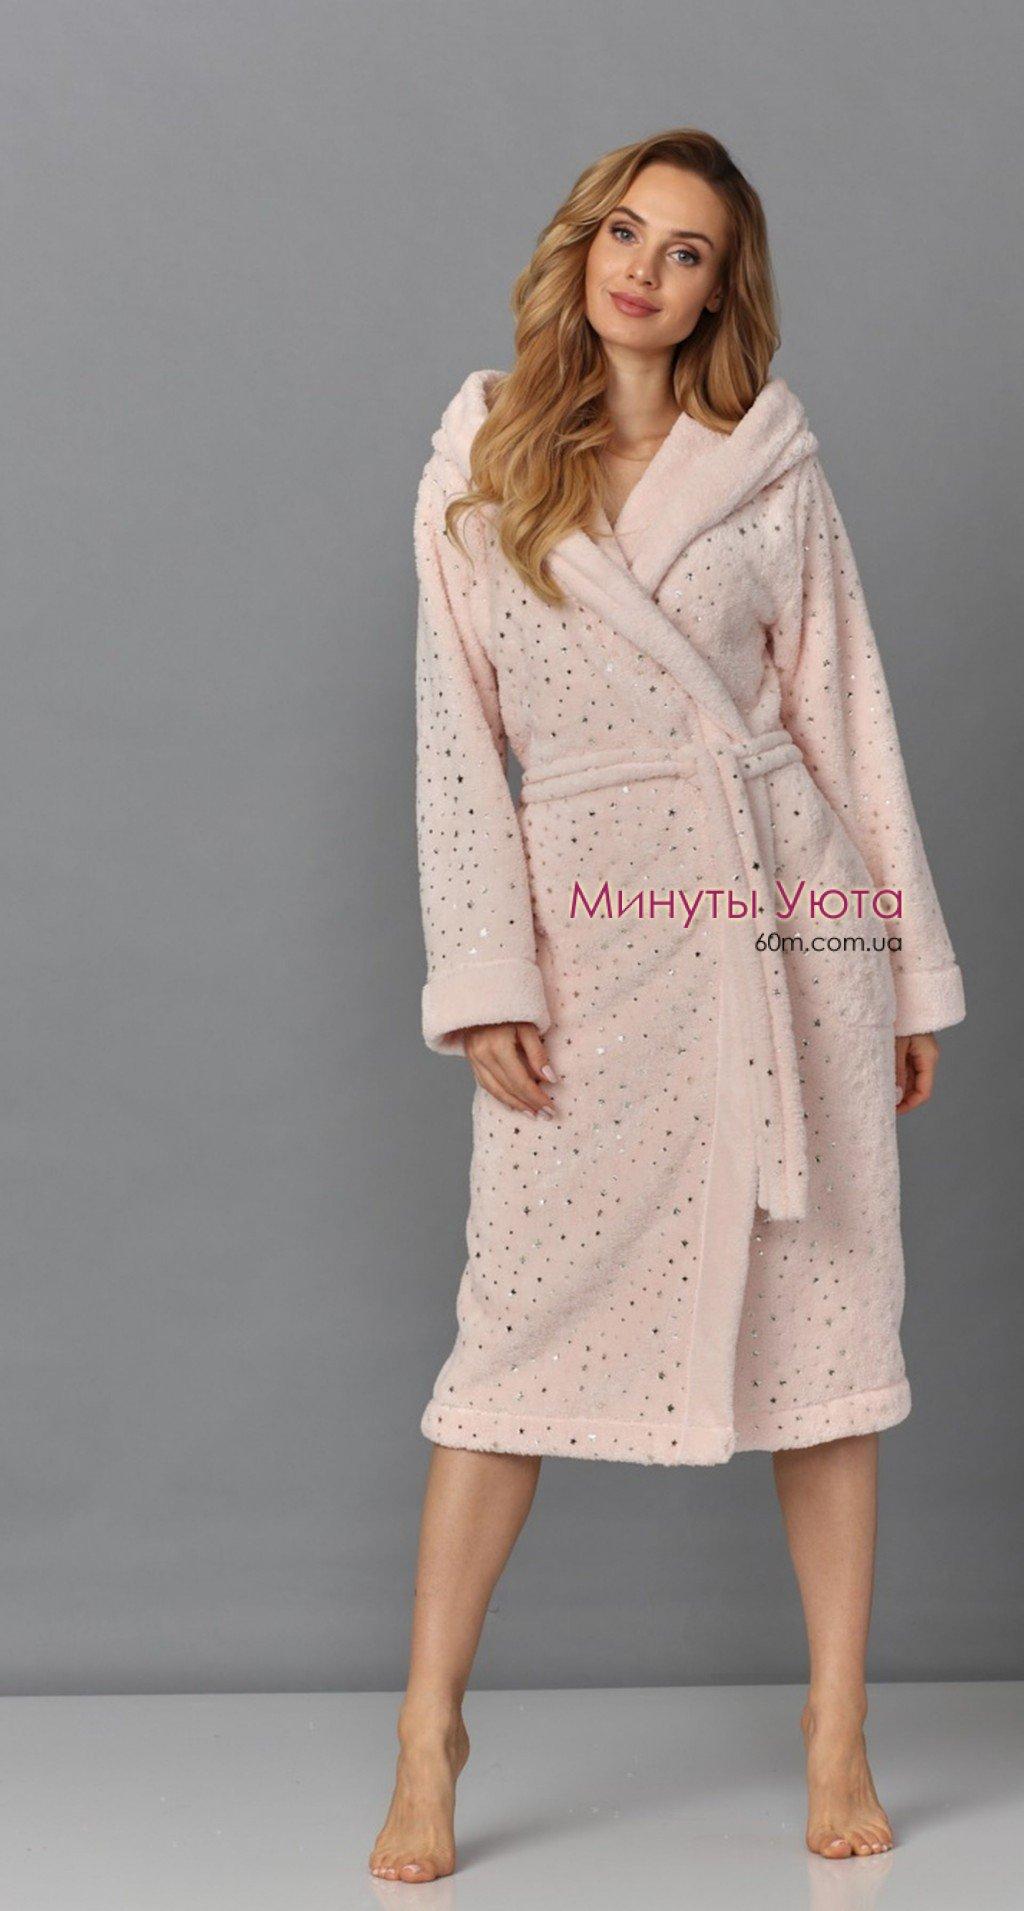 92b509a03e3c Купить махровый халат женский розовый в Киеве (микрофибра, L&L ...